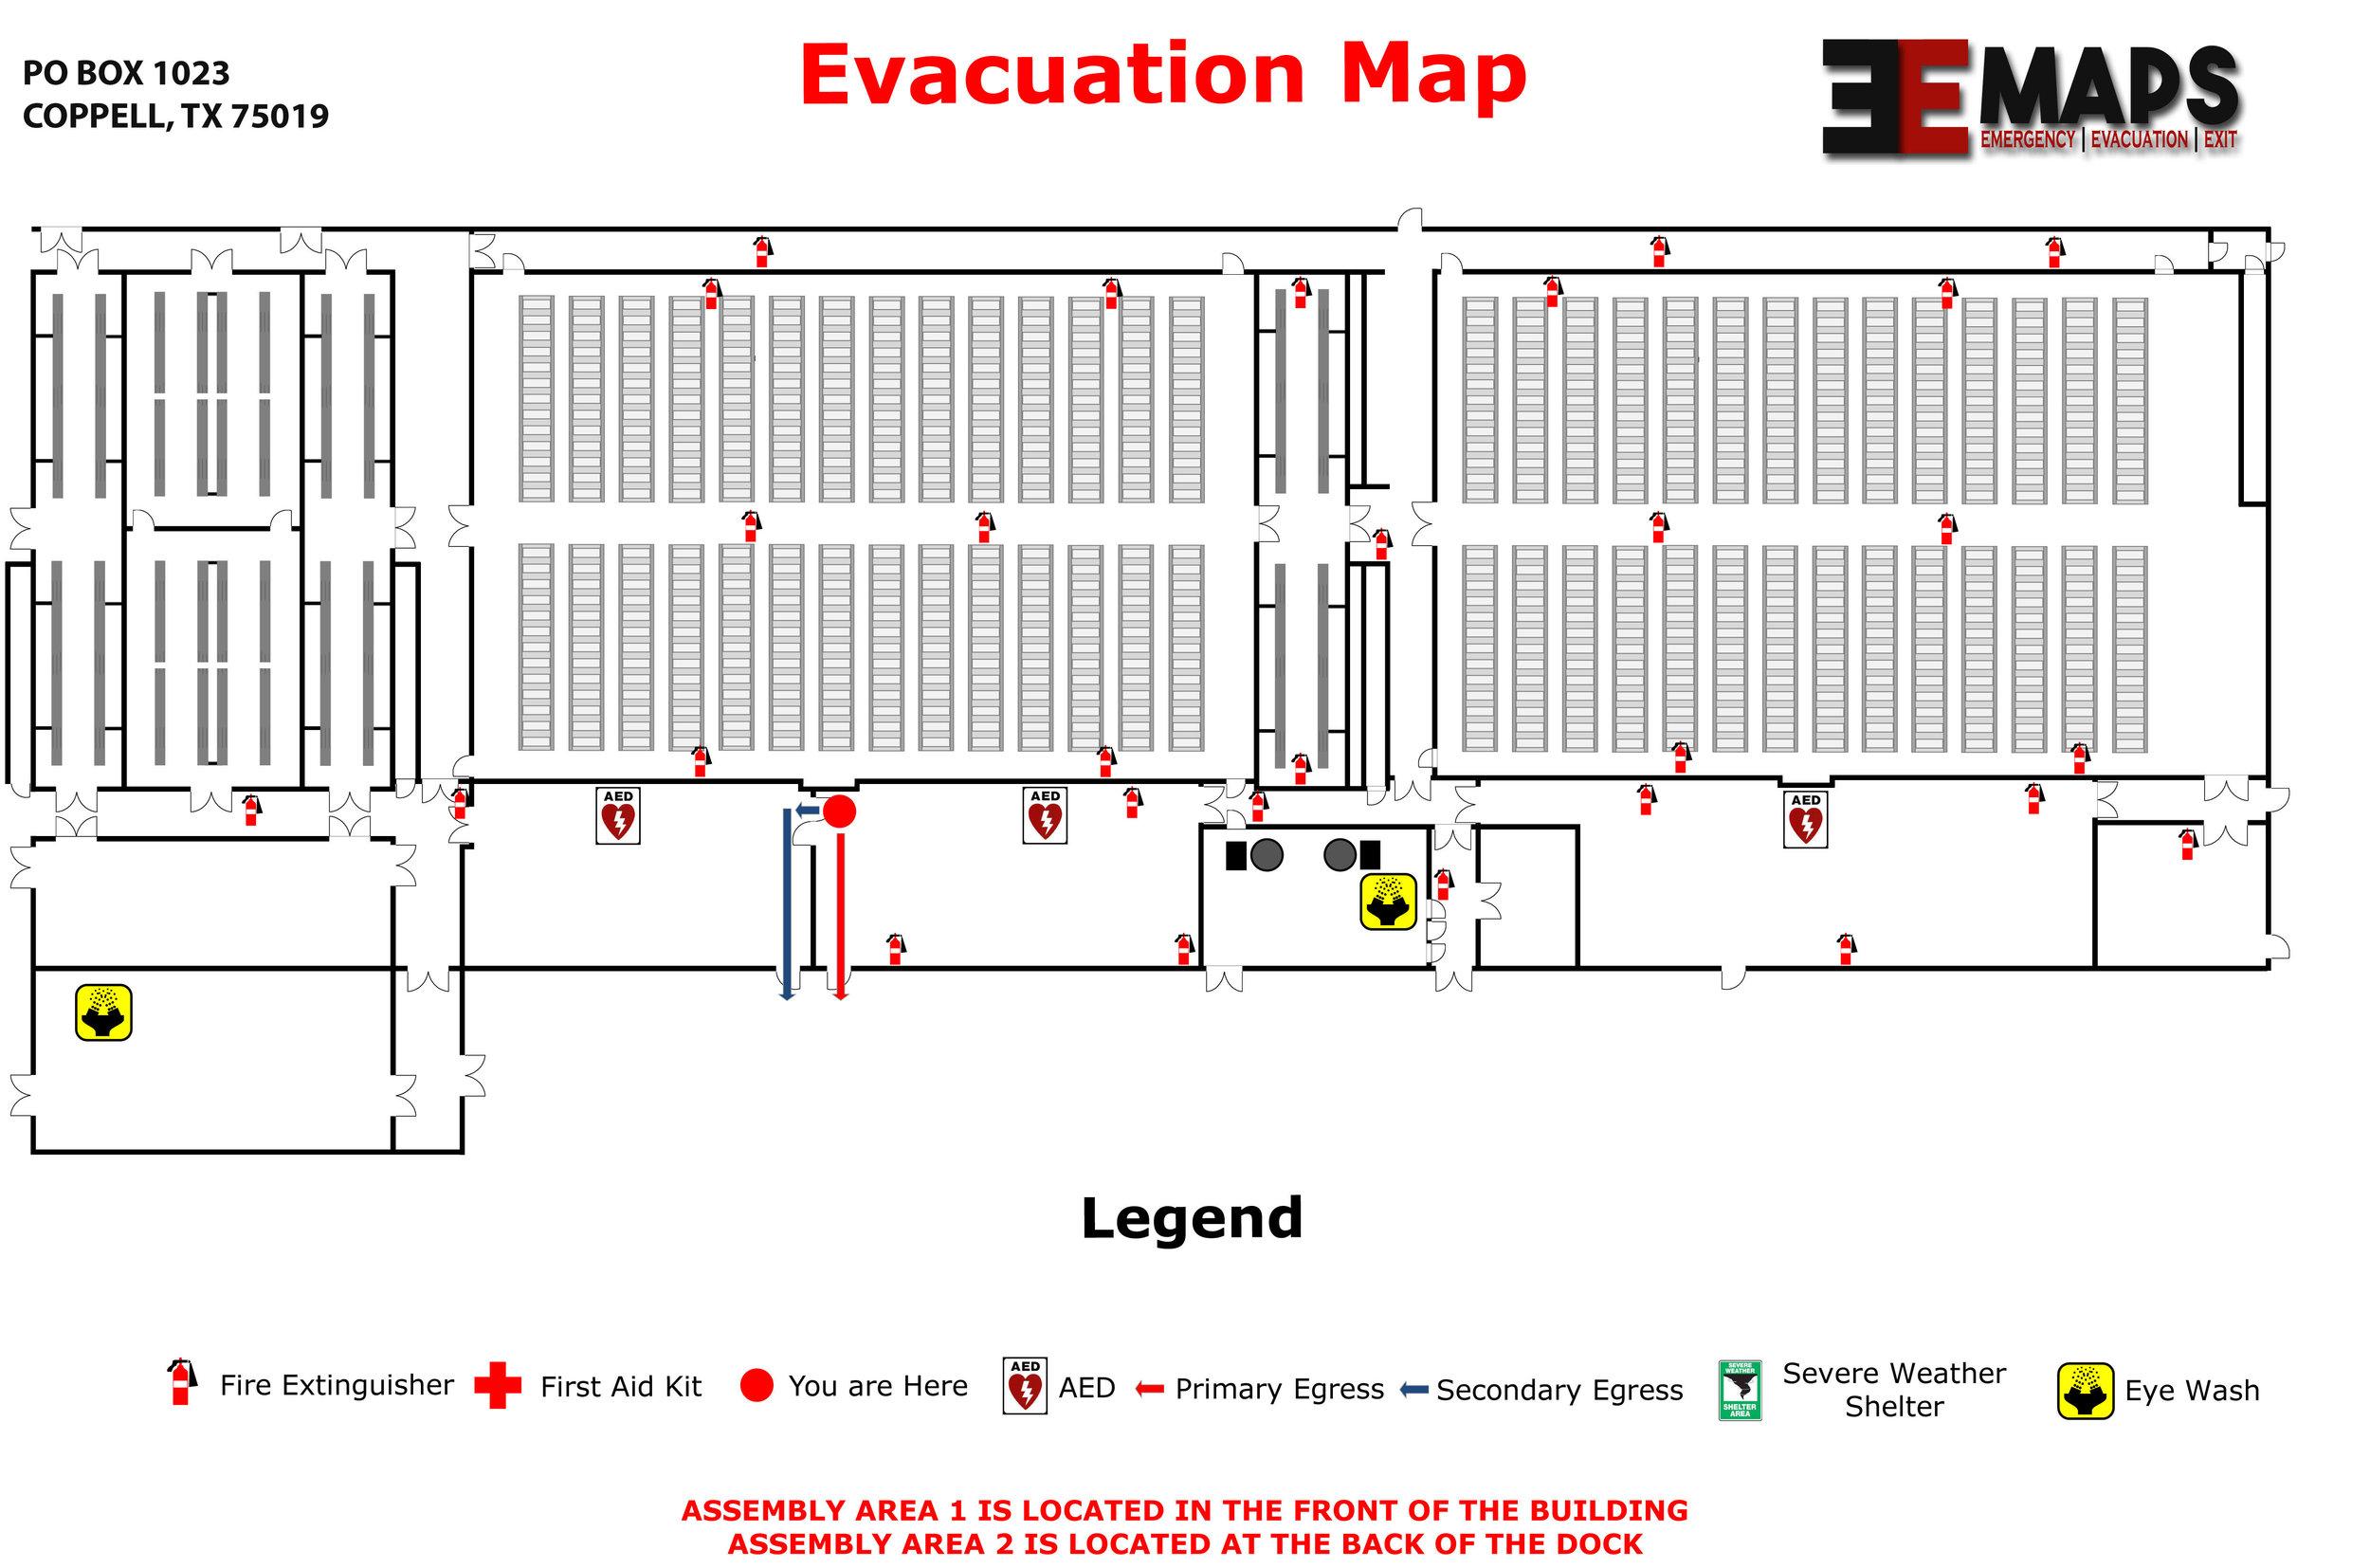 3EMAPS-CDE5_edited-2.jpg